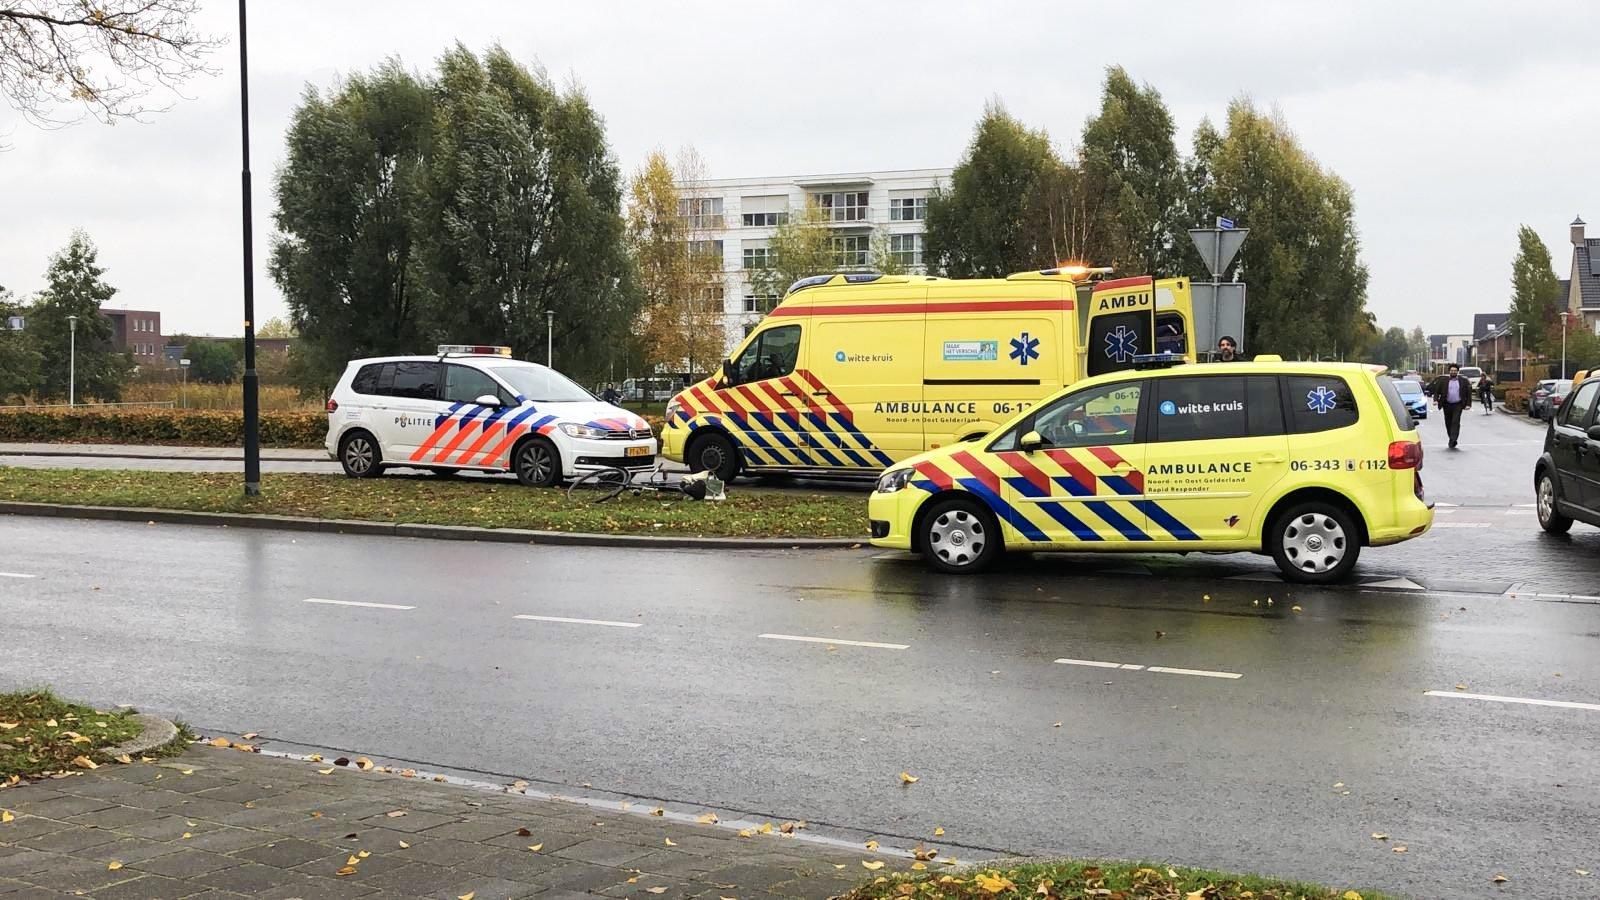 Fietser gewond na botsing met auto op de Ankelaarseweg in Apeldoorn